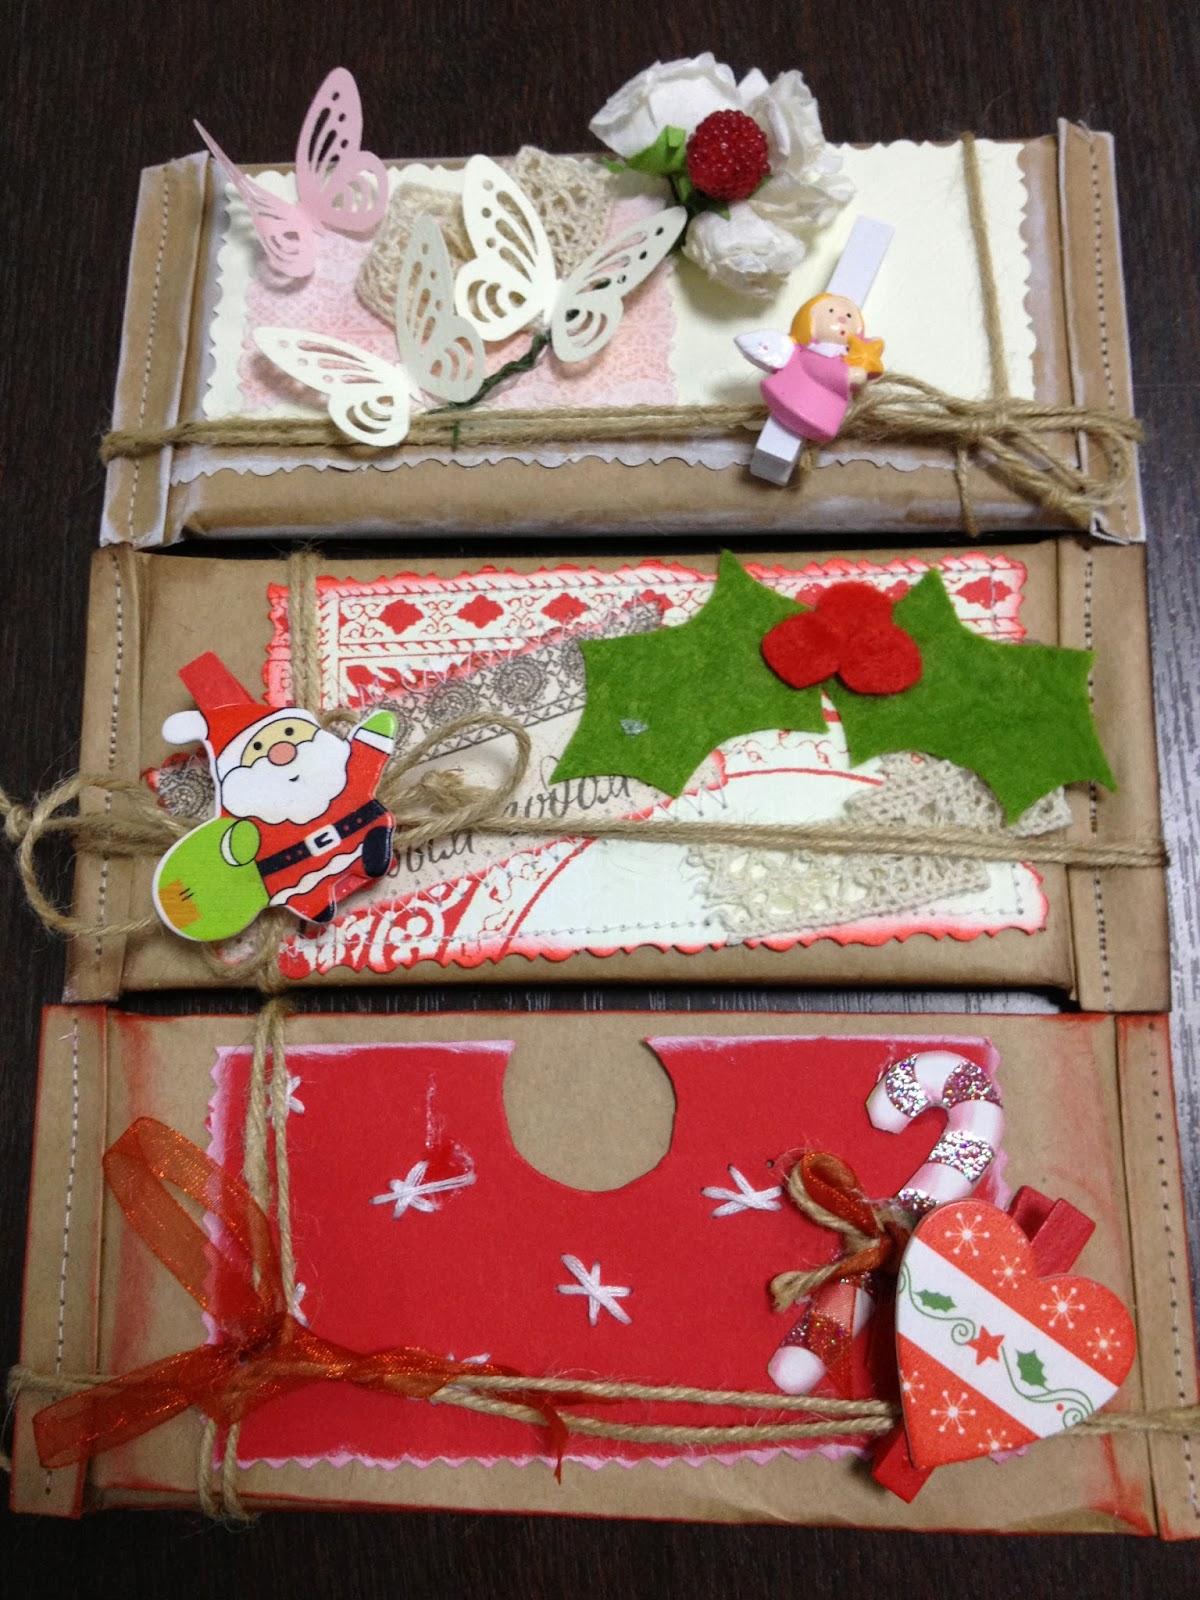 50 идей ко дню Святого Валентина: открытки, декор и подарки своими руками 82